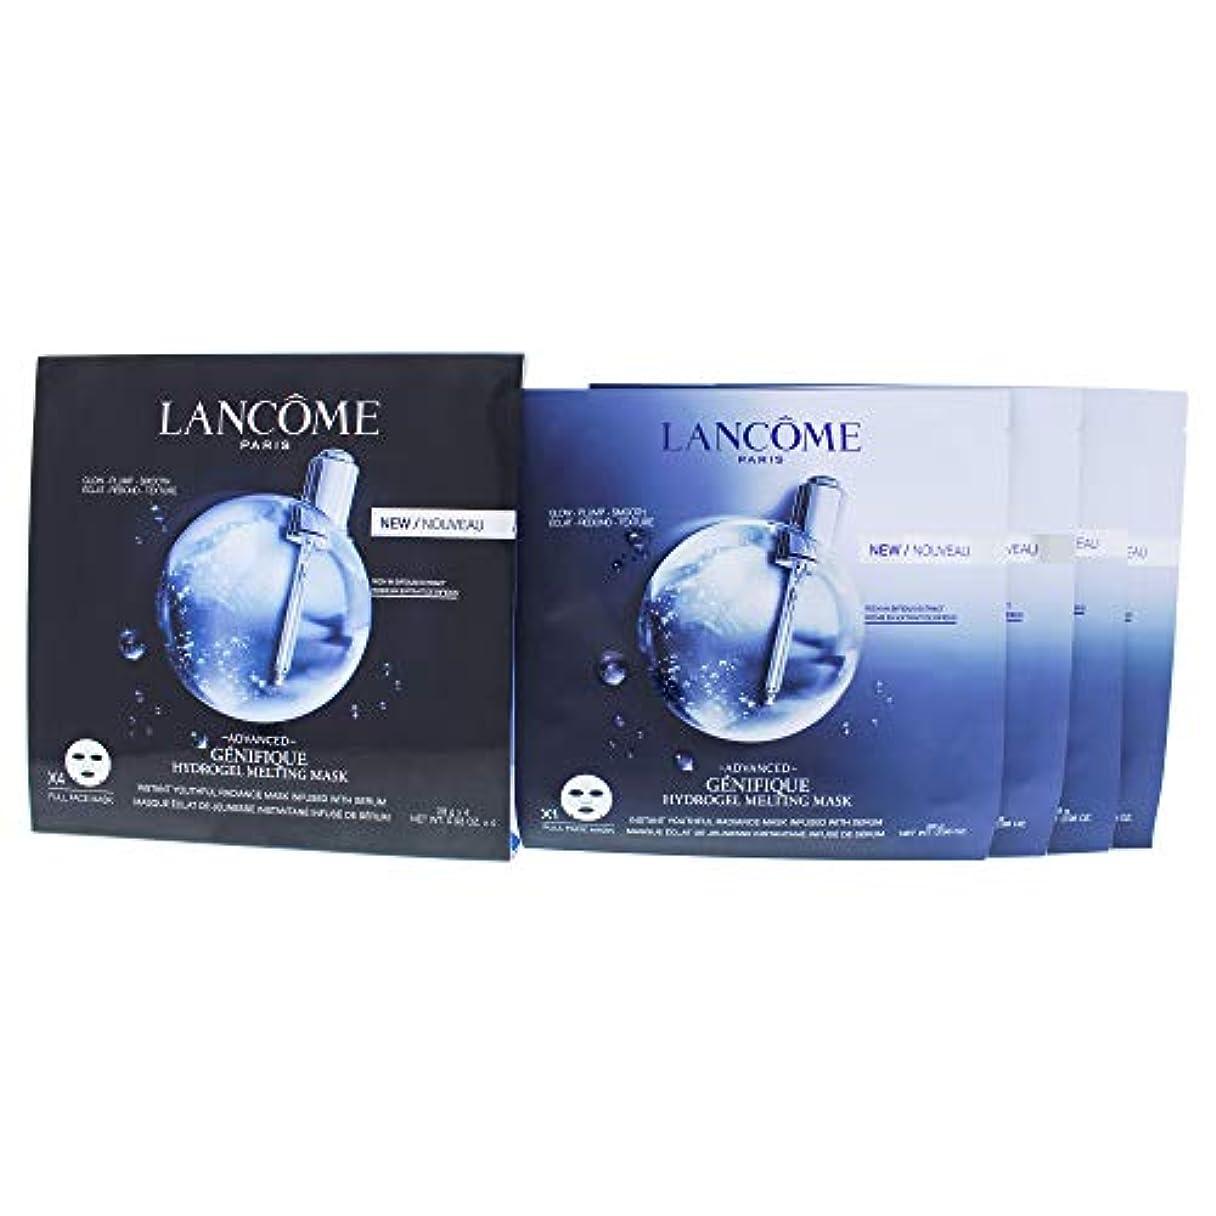 フォロー先に不十分なランコム Genifique Advanced Hydrogel Melting Mask 4sheets並行輸入品